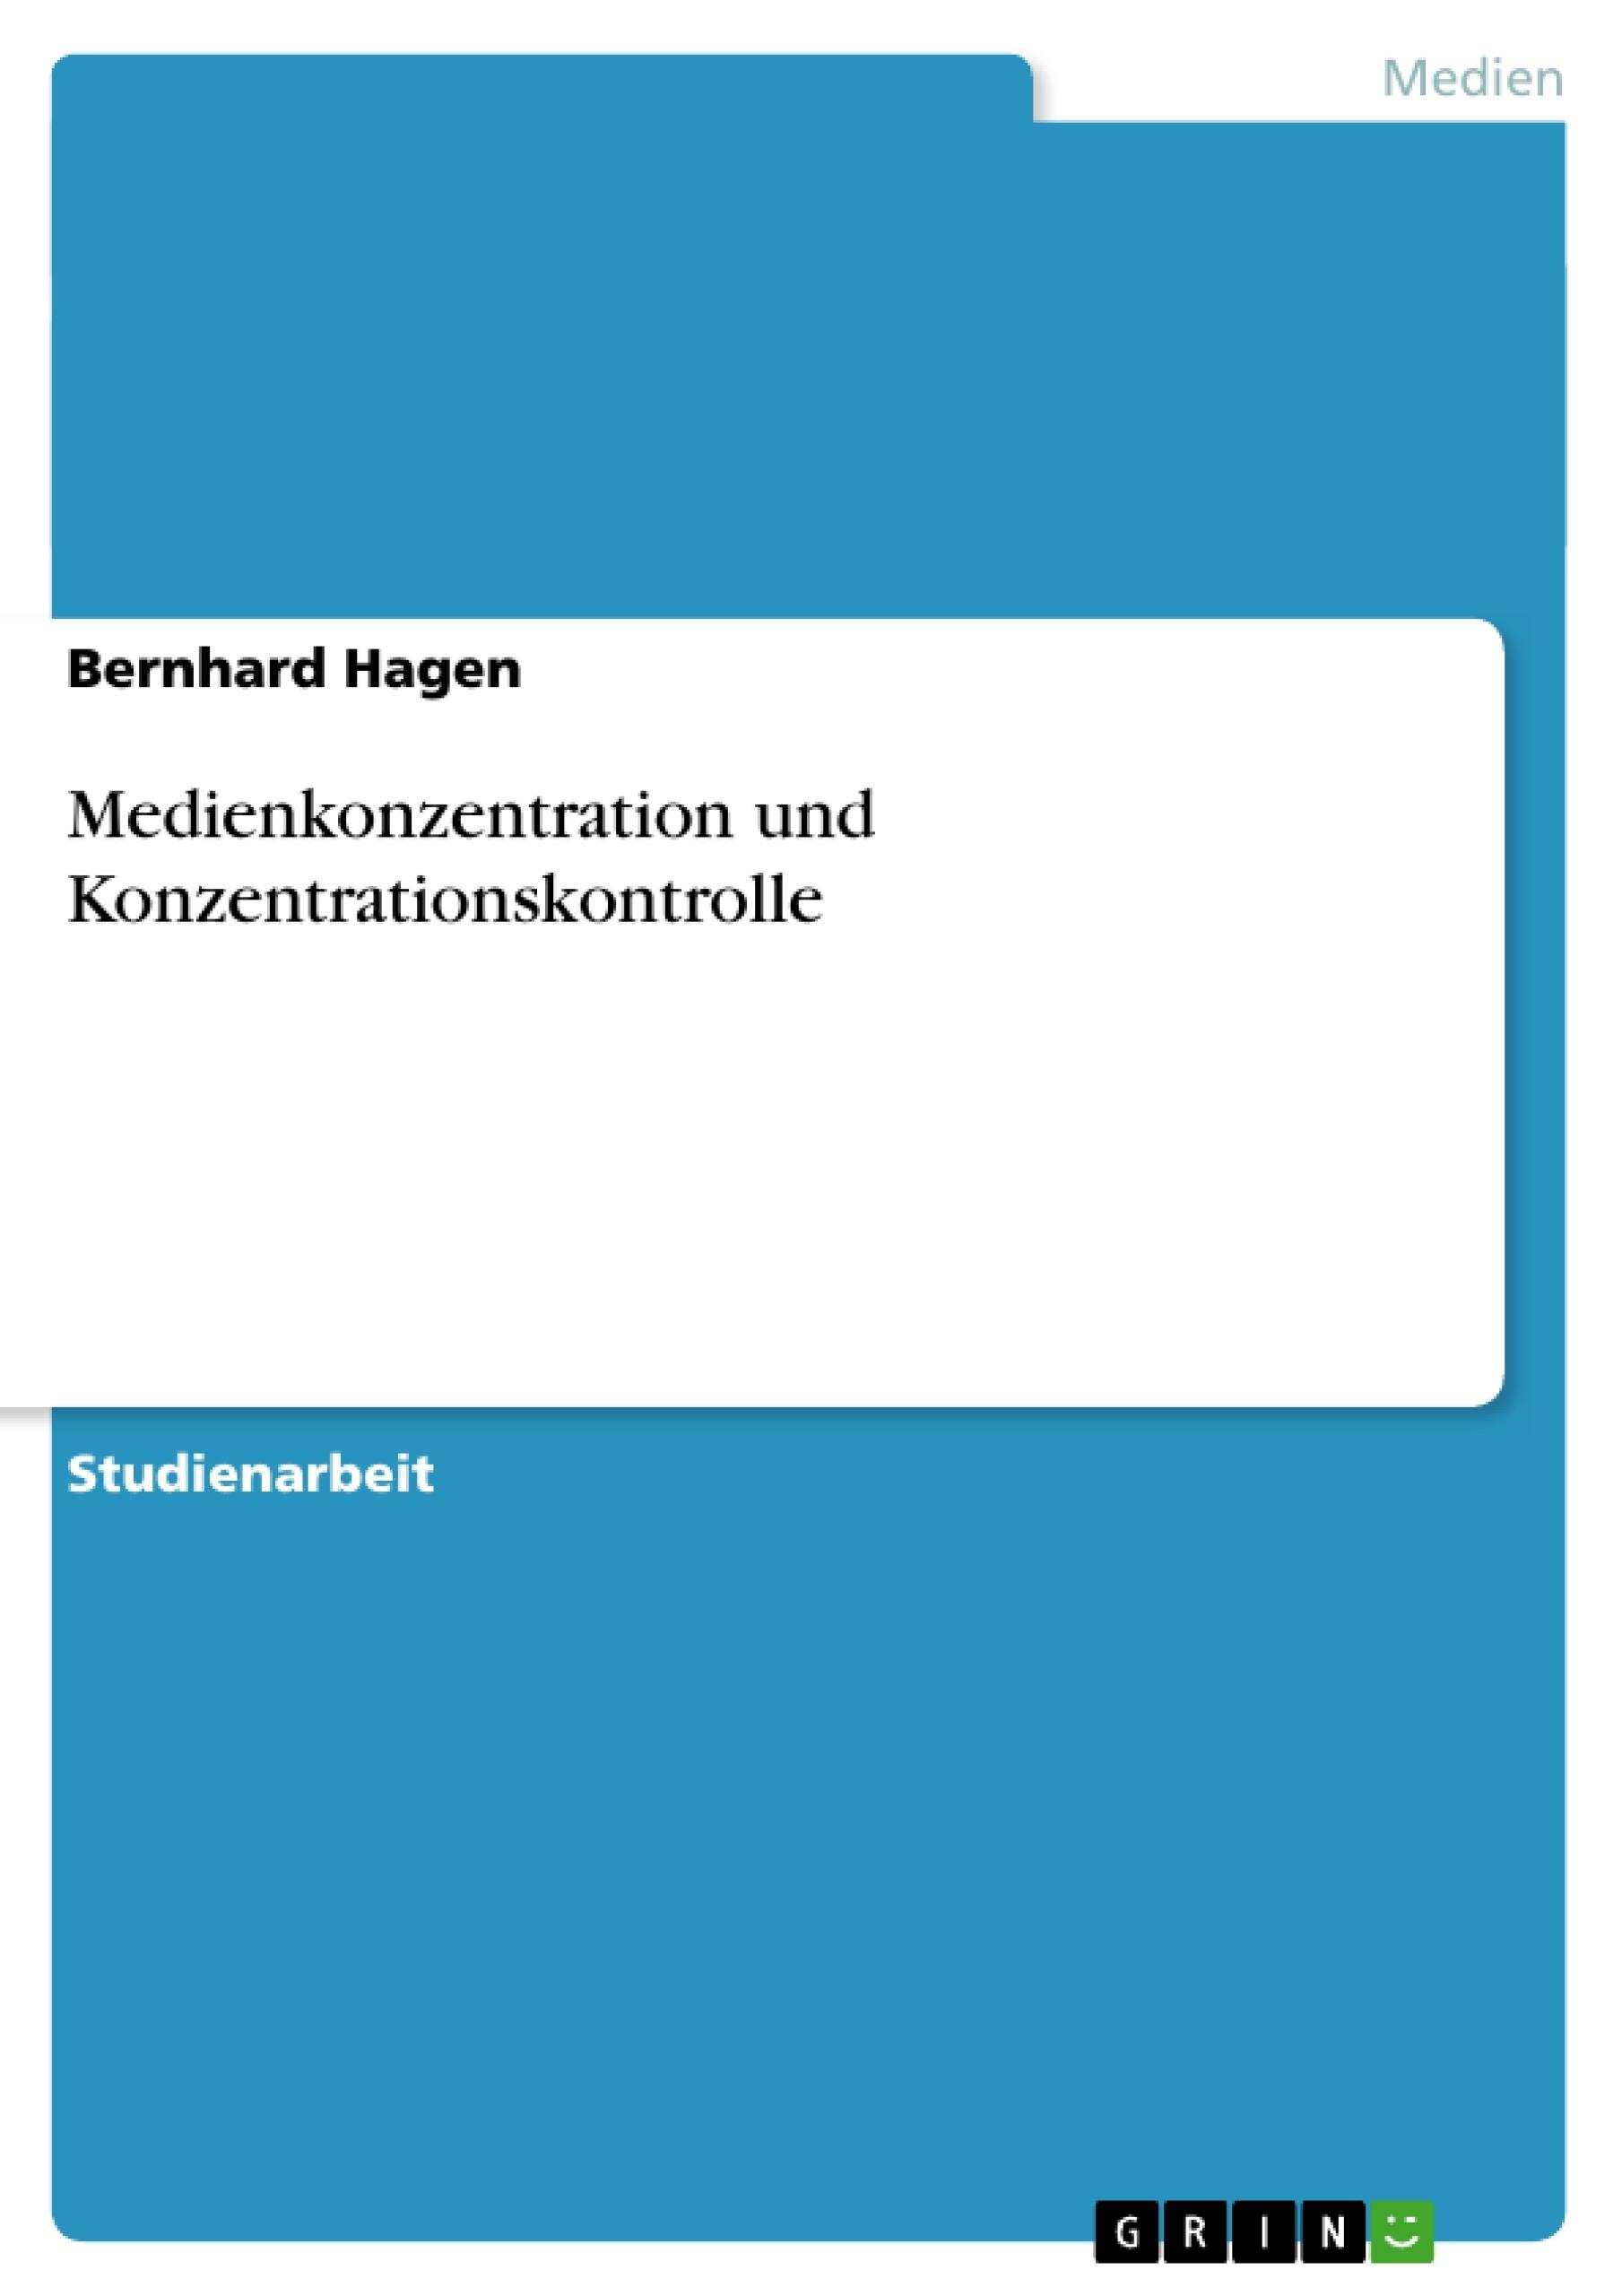 Titel: Medienkonzentration und Konzentrationskontrolle